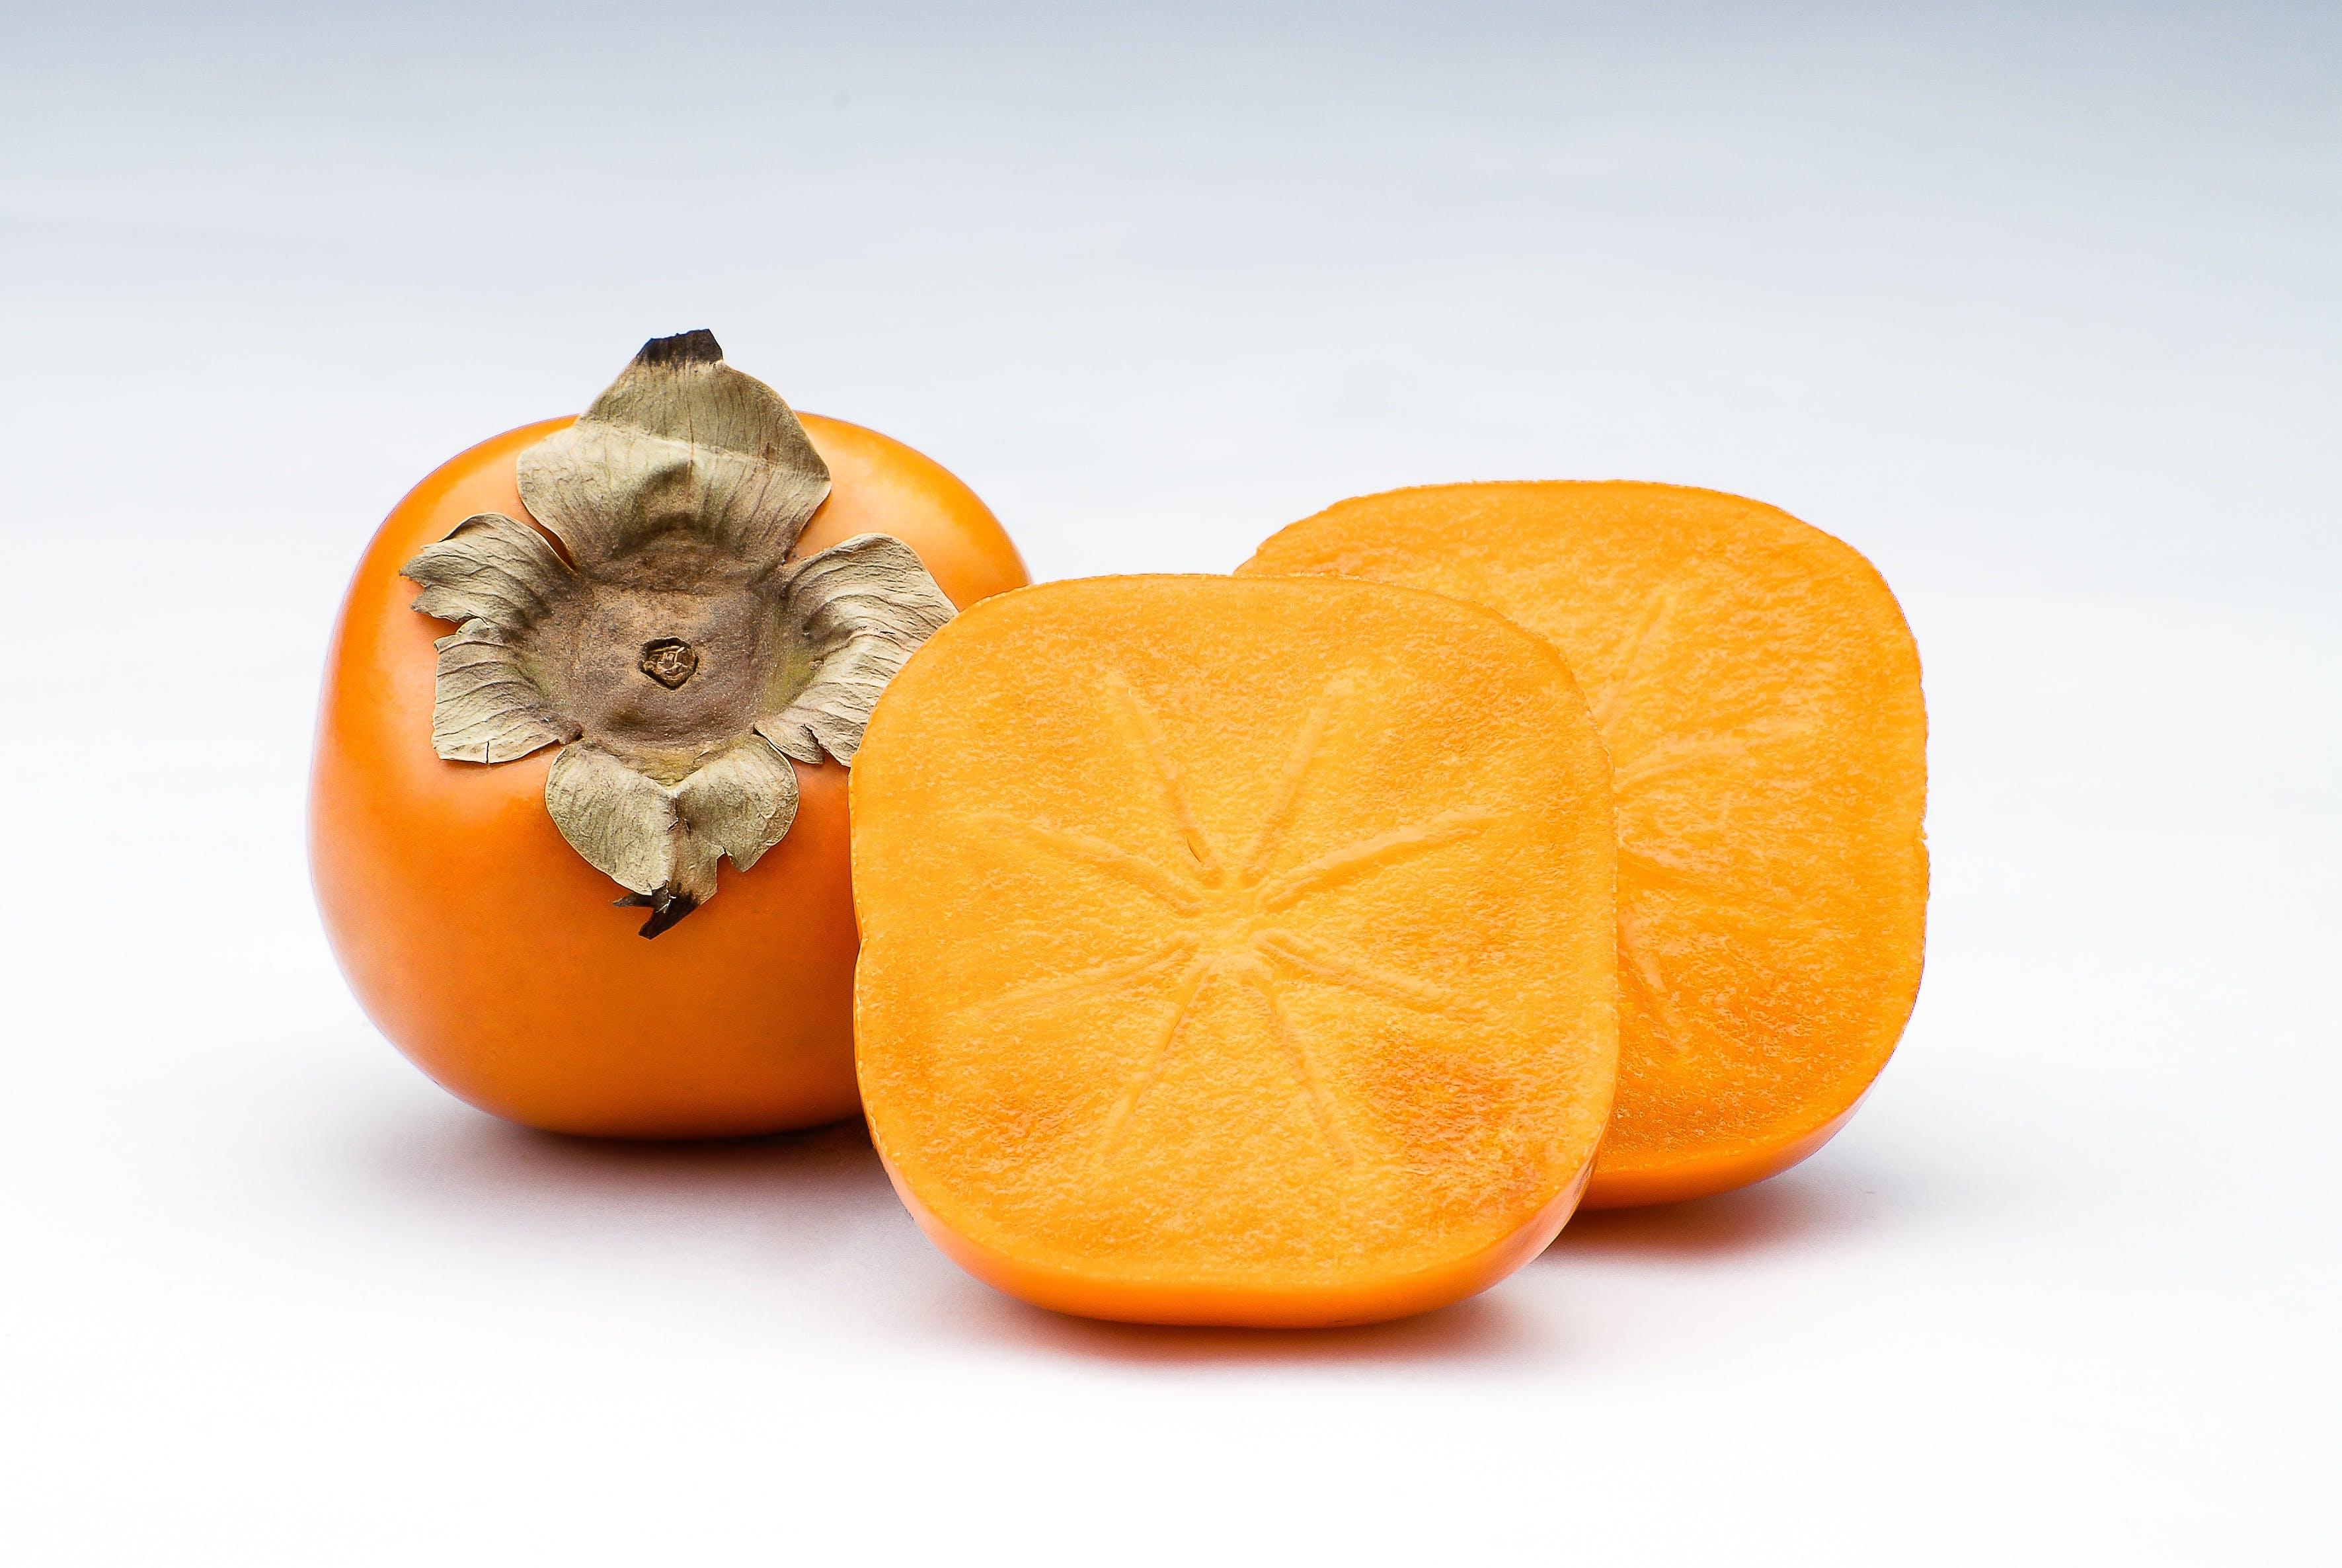 Square Orange Fruits